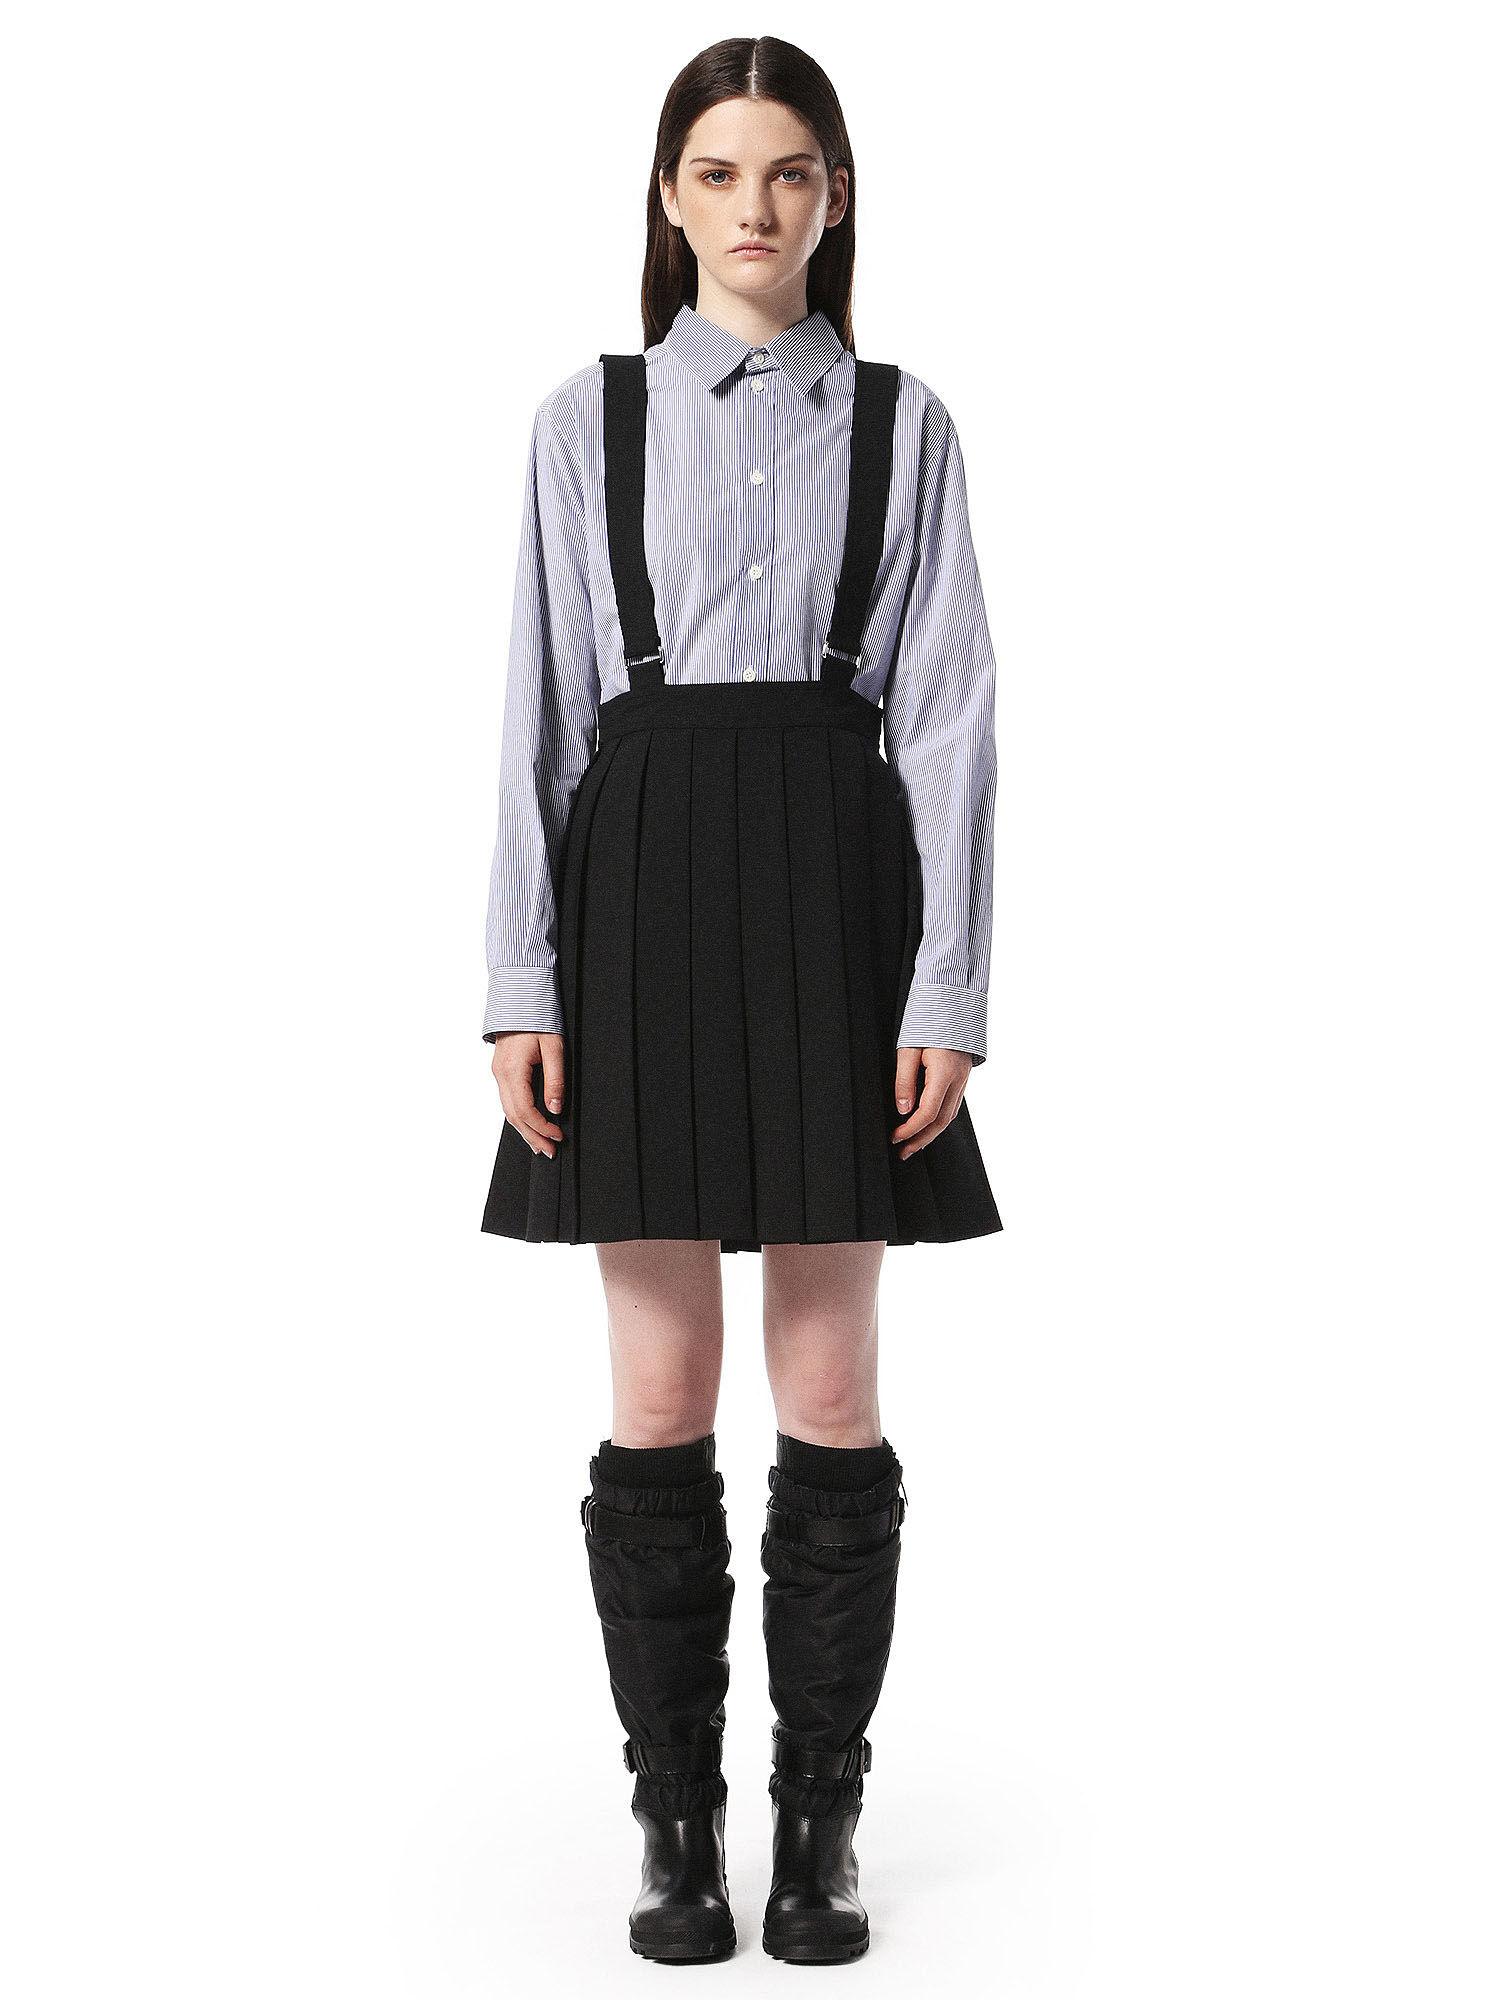 G stage black dresses vest